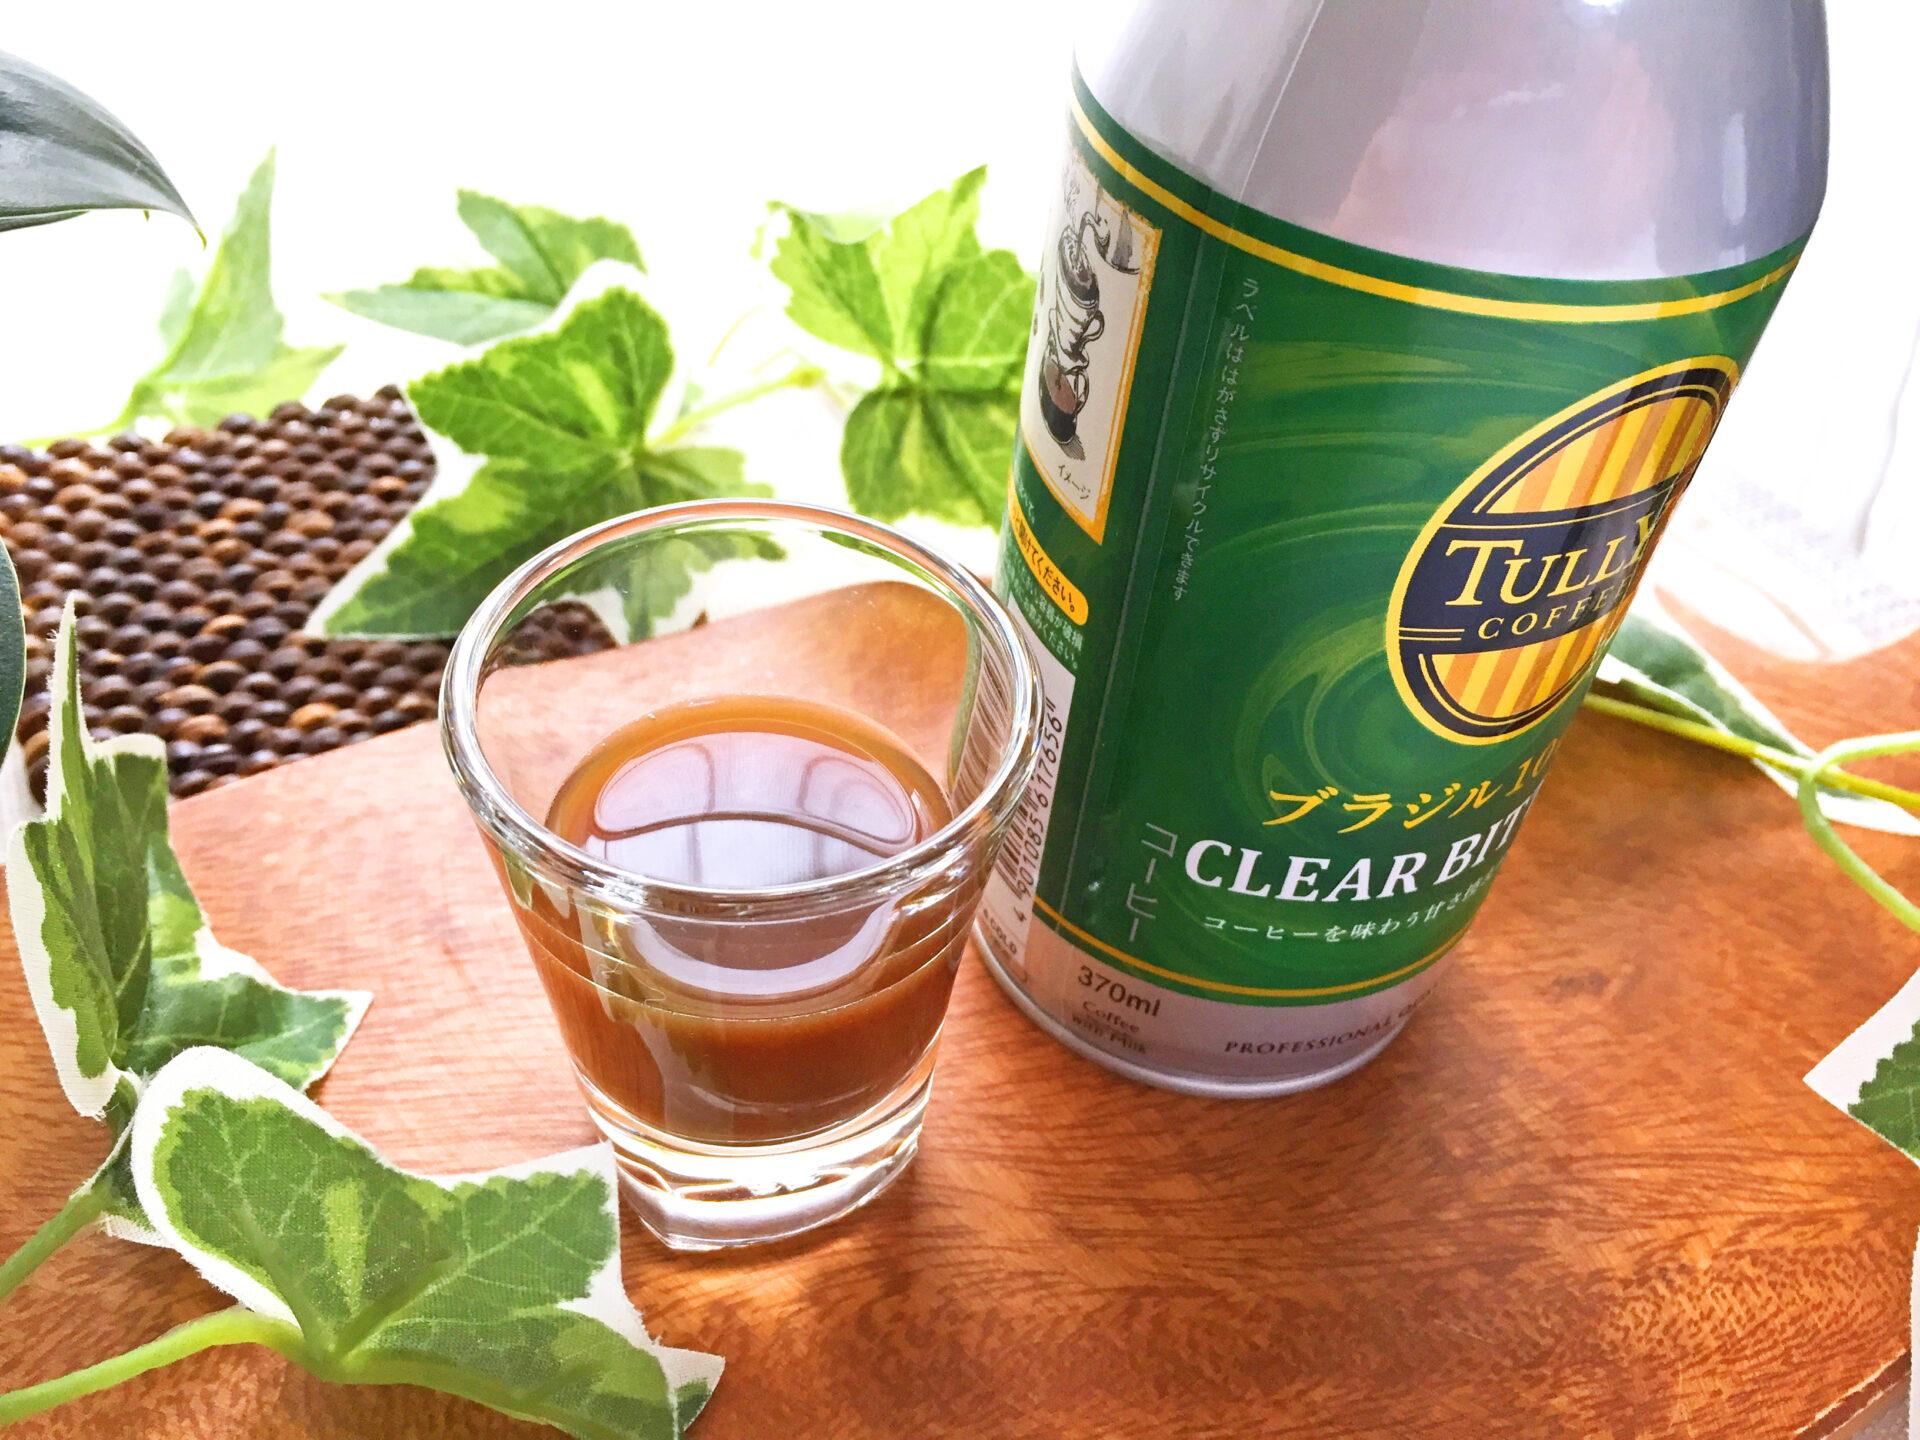 伊藤園『TULLY'S COFFEE ブラジル100%CLEAR BITTER ボトル缶 370ml』